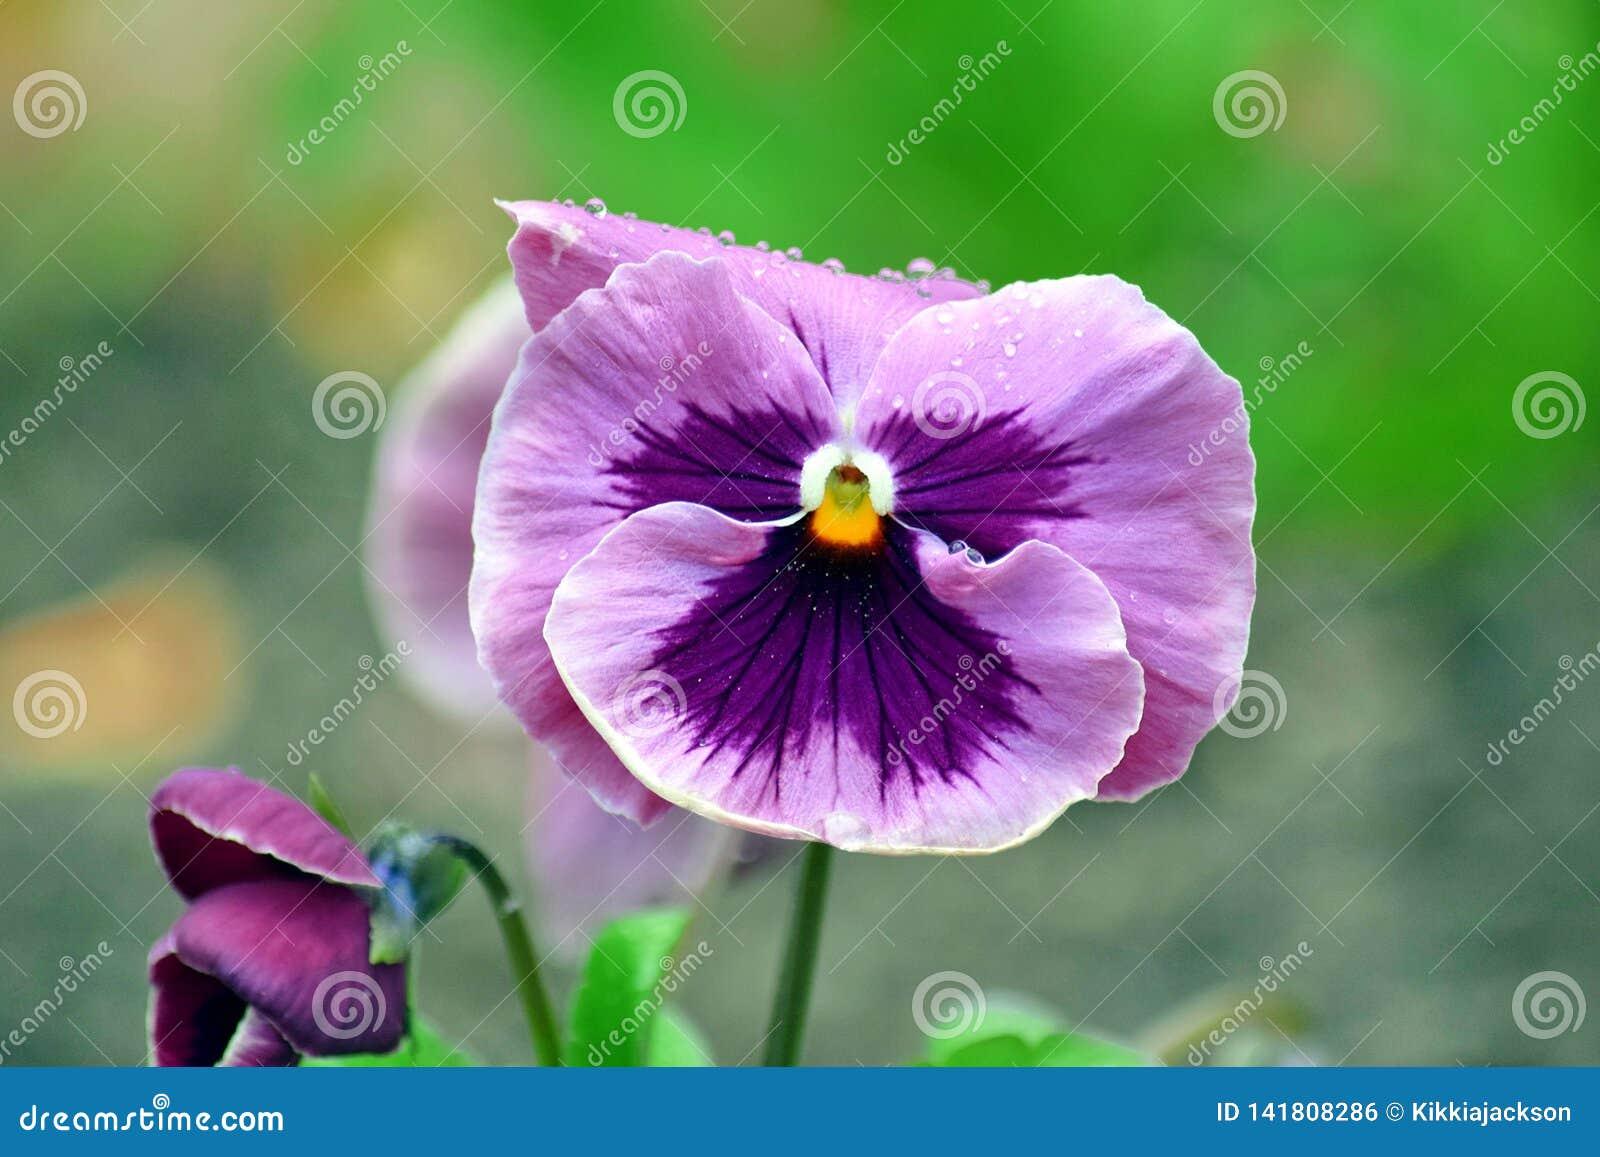 Viola Tricolor Hortensis Flowers Home som arbeta i trädgården växter, lagerför fotoet